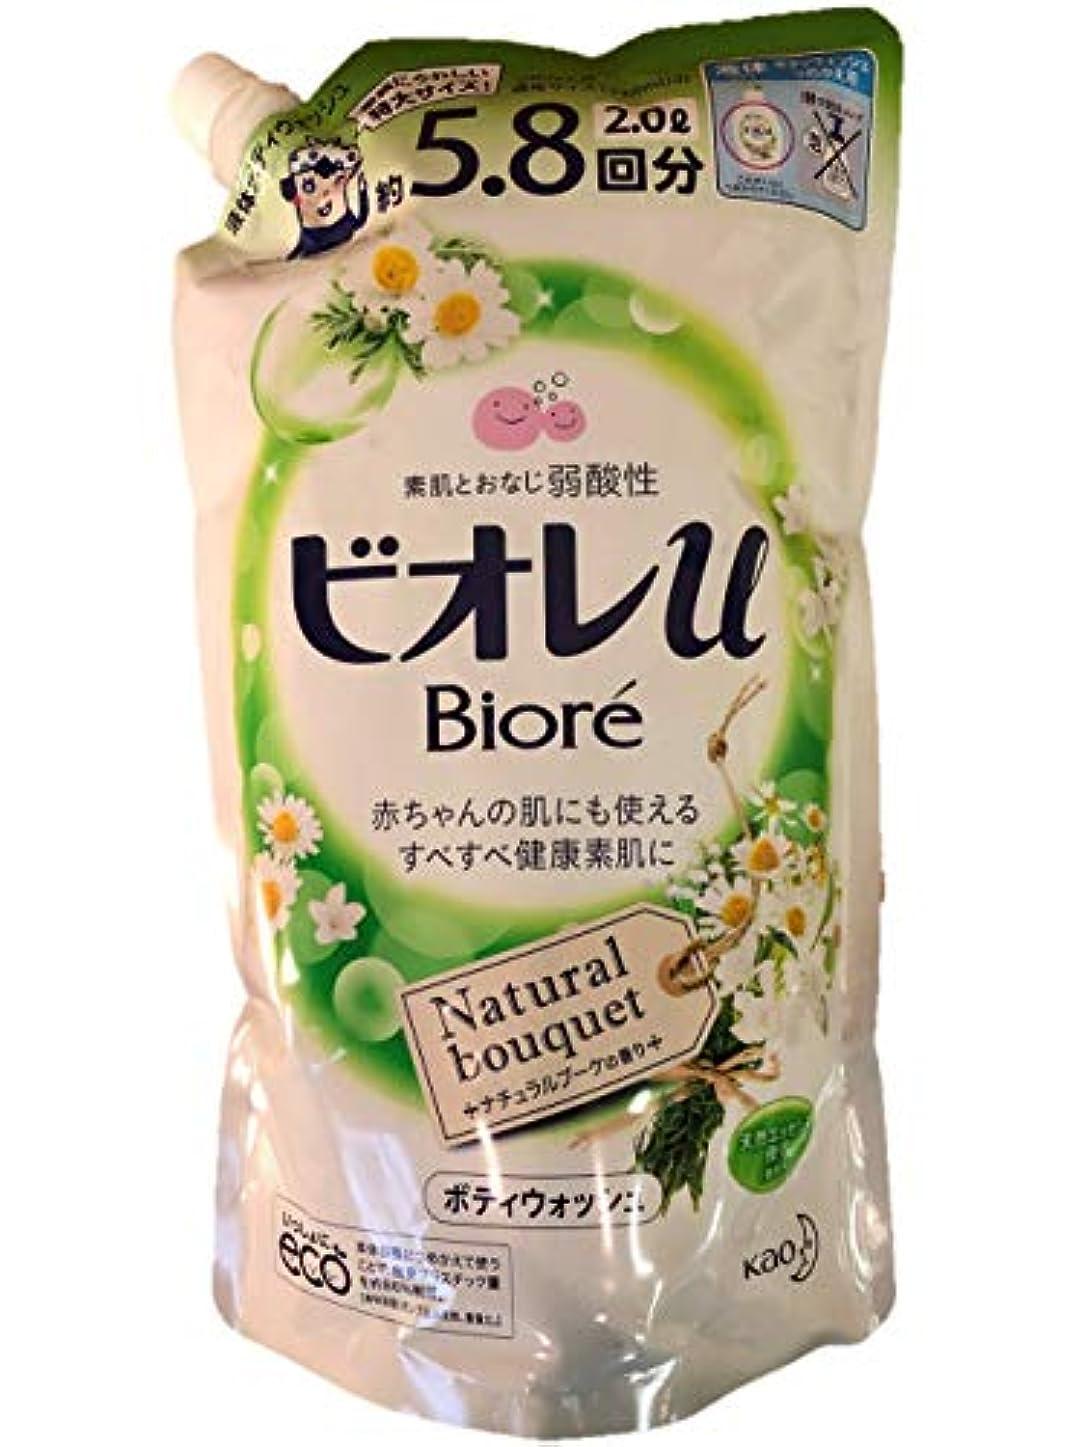 モザイク後退する財団【大容量】ビオレu 詰め替え用 ナチュラルブーケの香り 5.8回分 2L